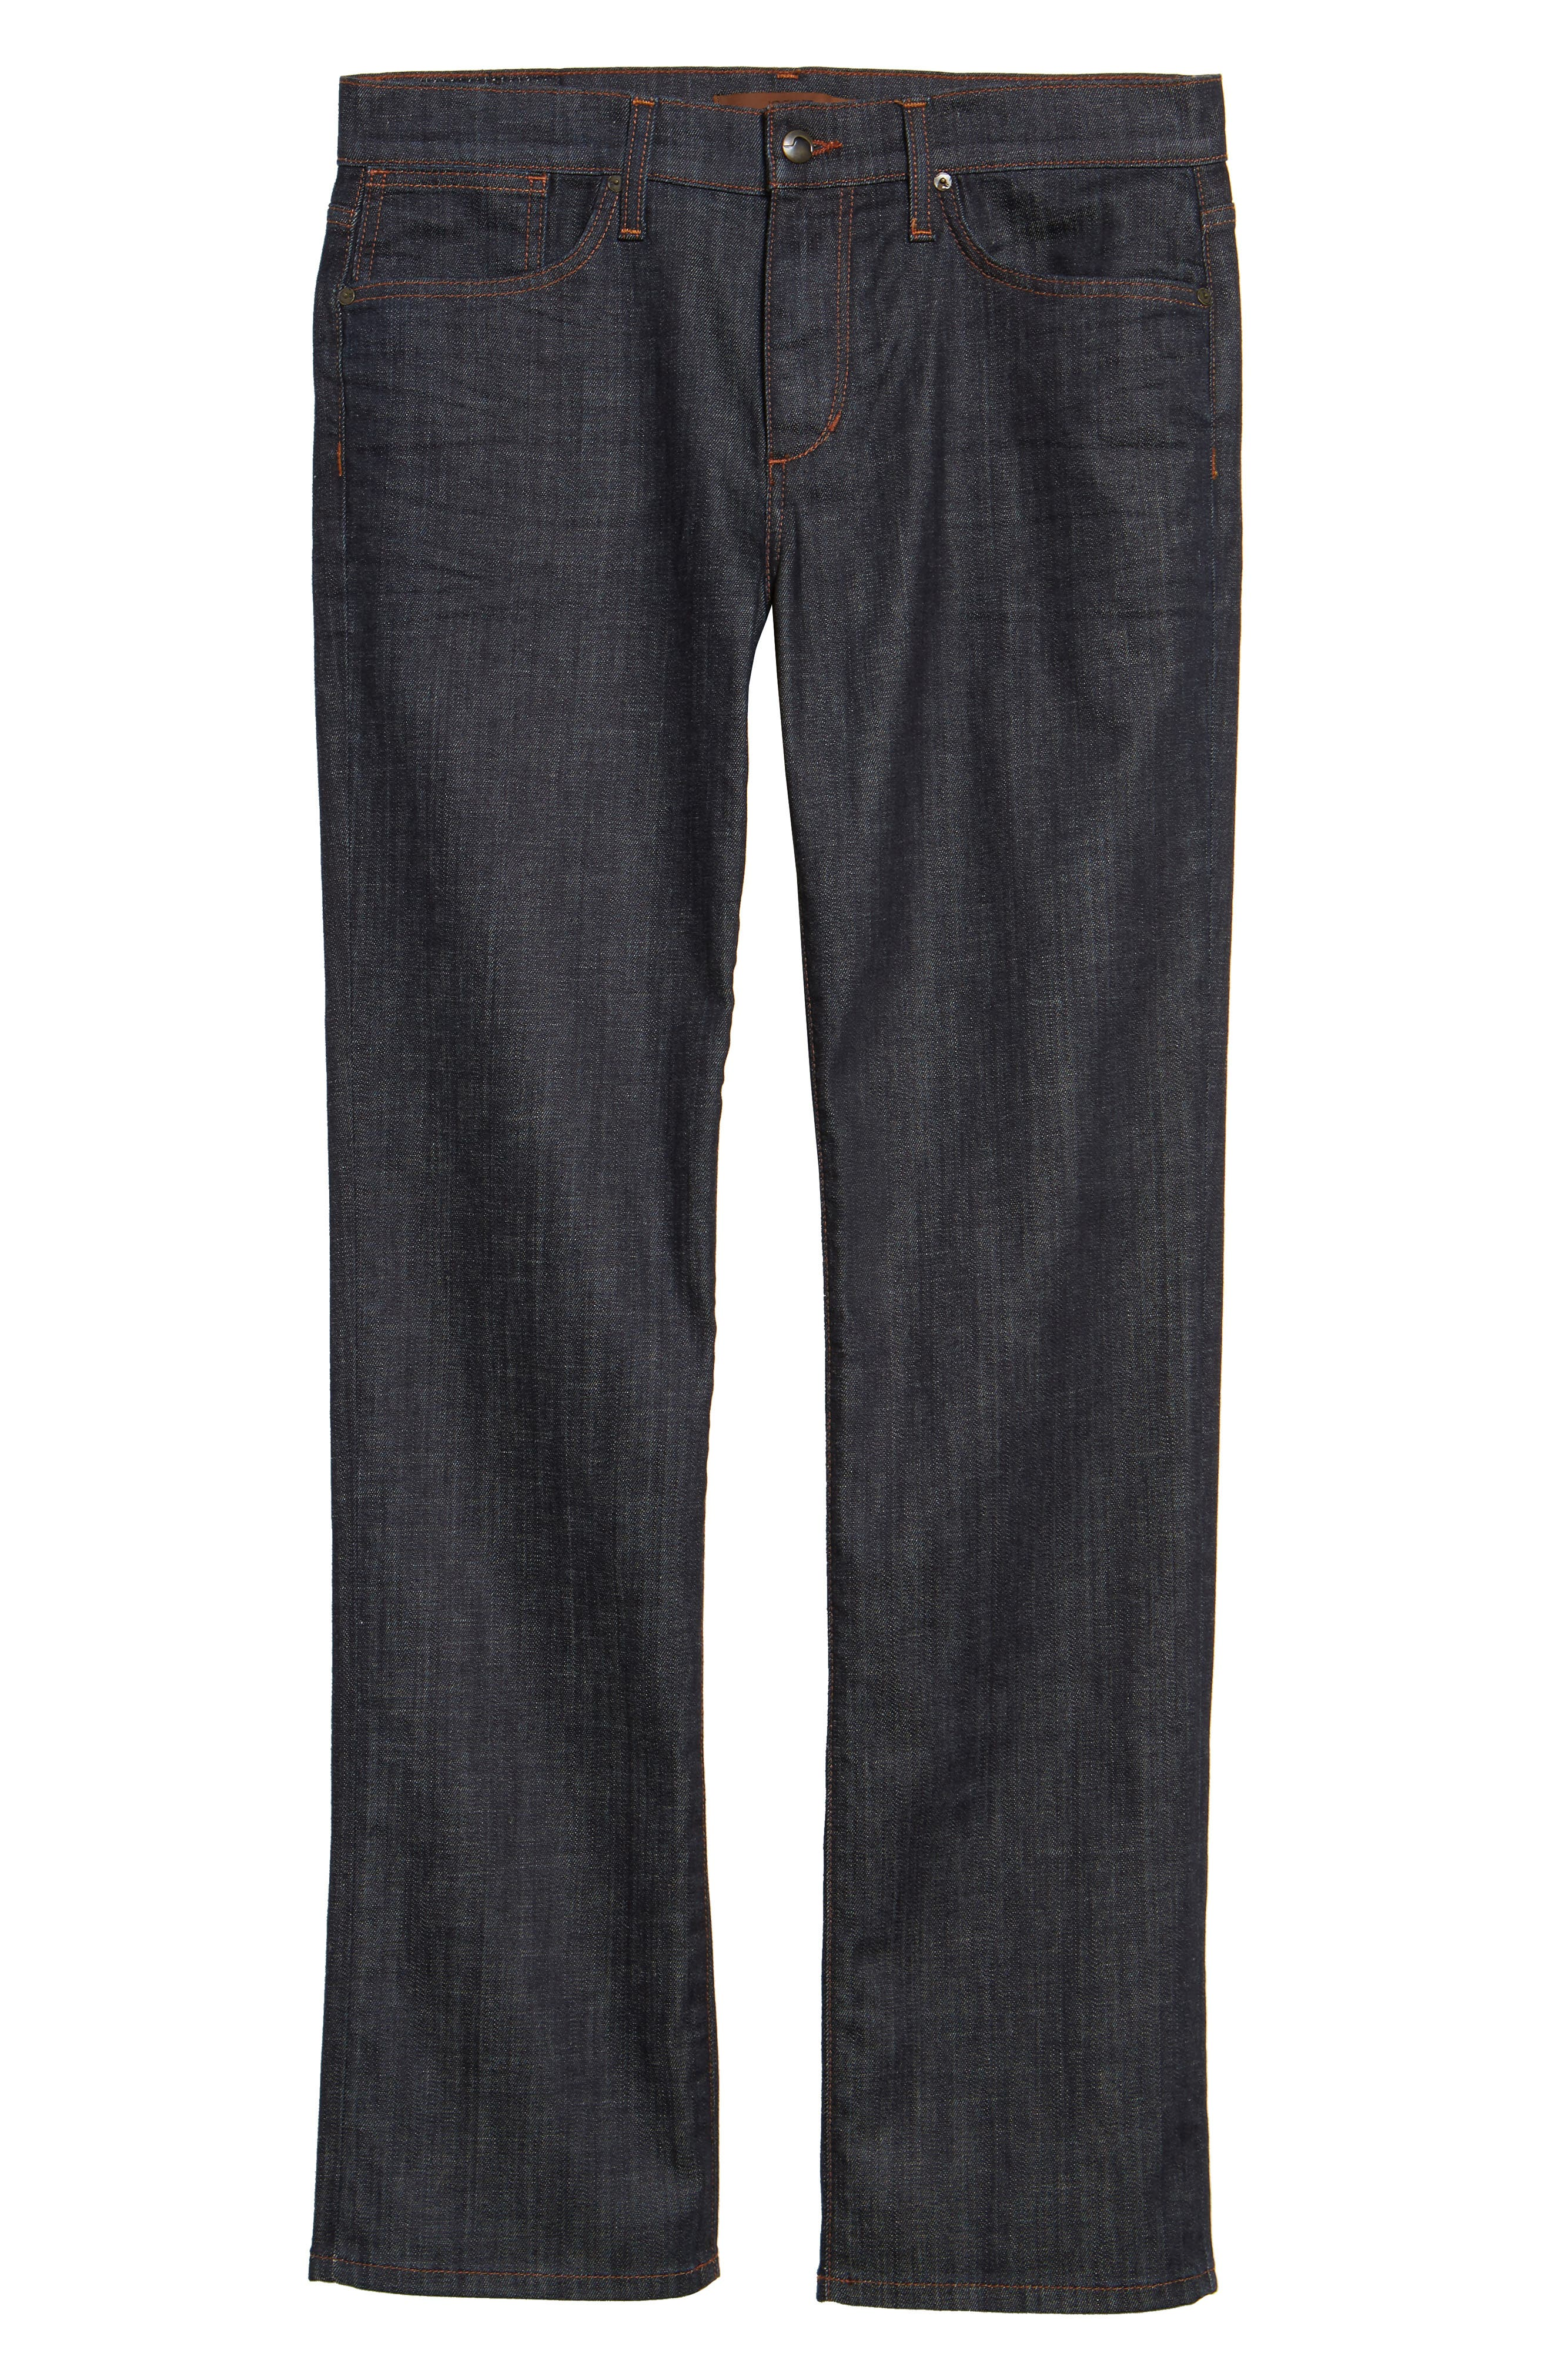 JOE'S,                             Classic Straight Leg Jeans,                             Alternate thumbnail 8, color,                             DAKOTA